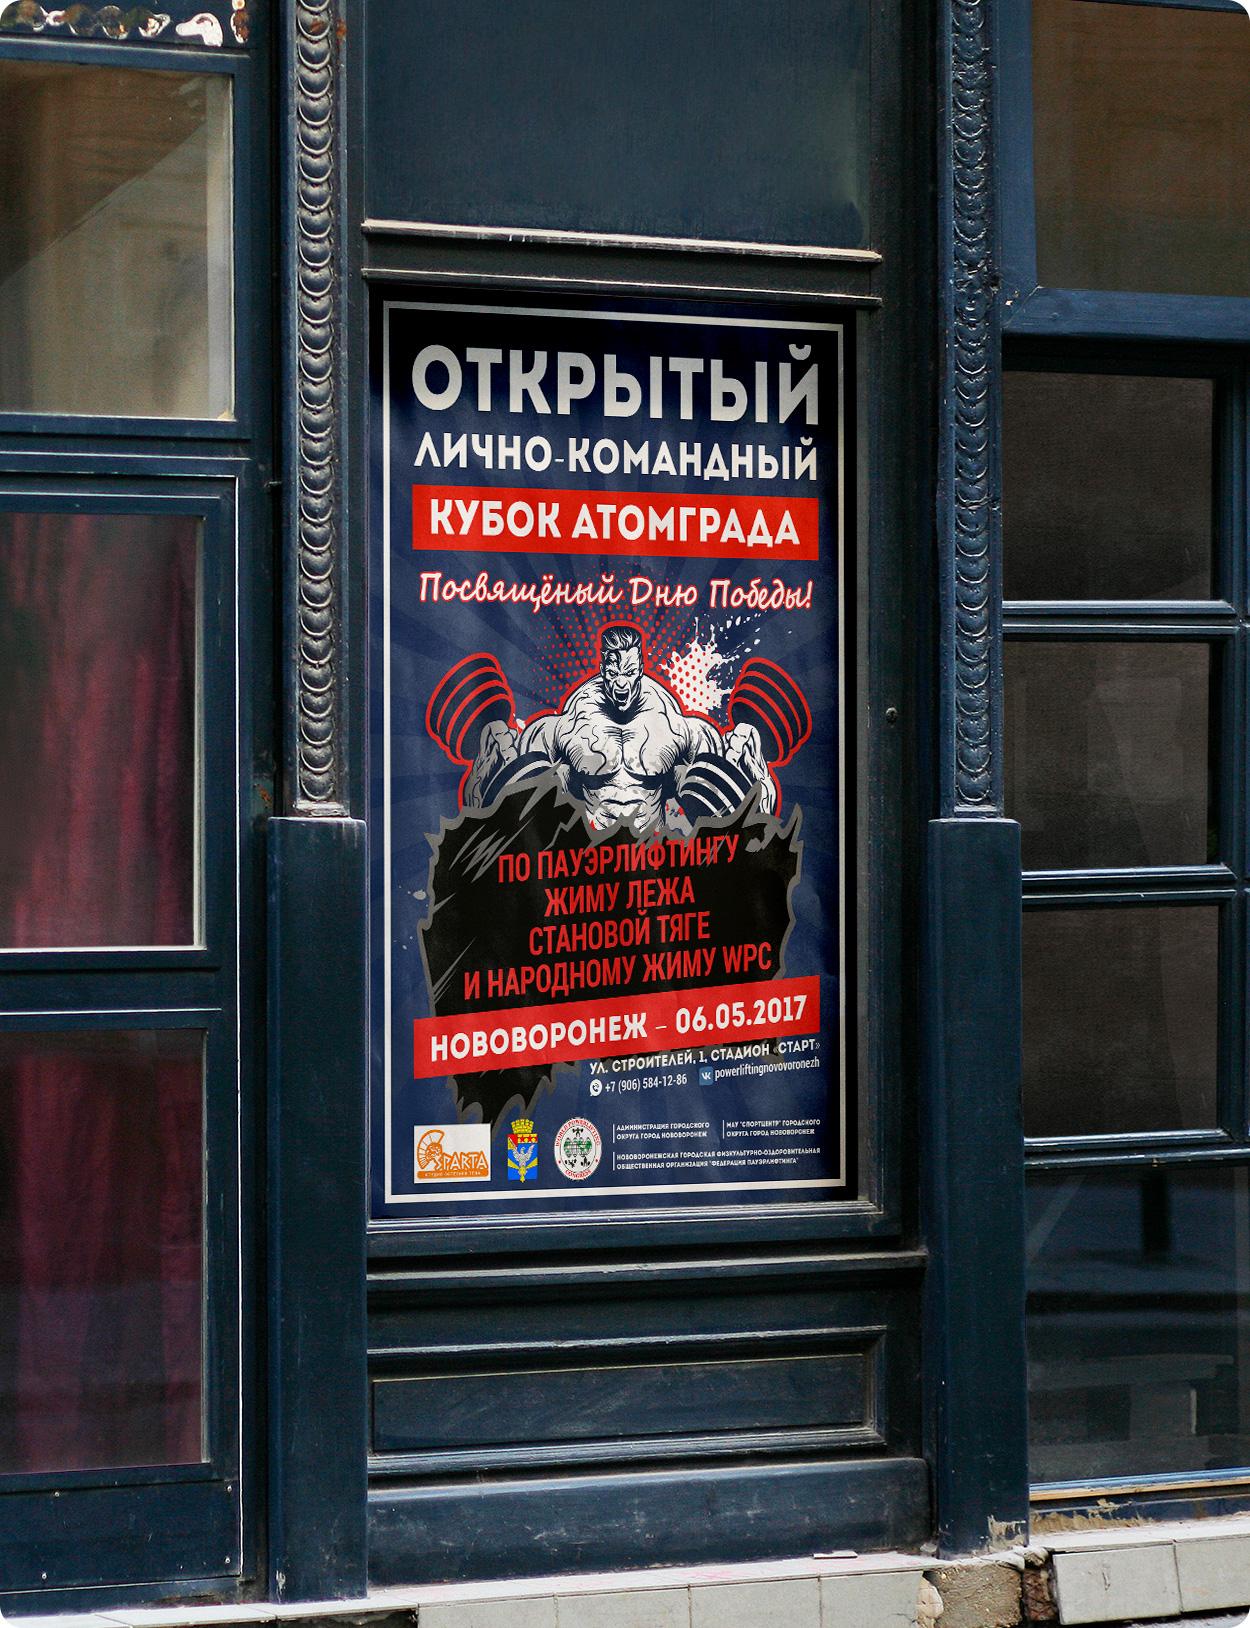 Афиша для соревнований в Нововоронеже